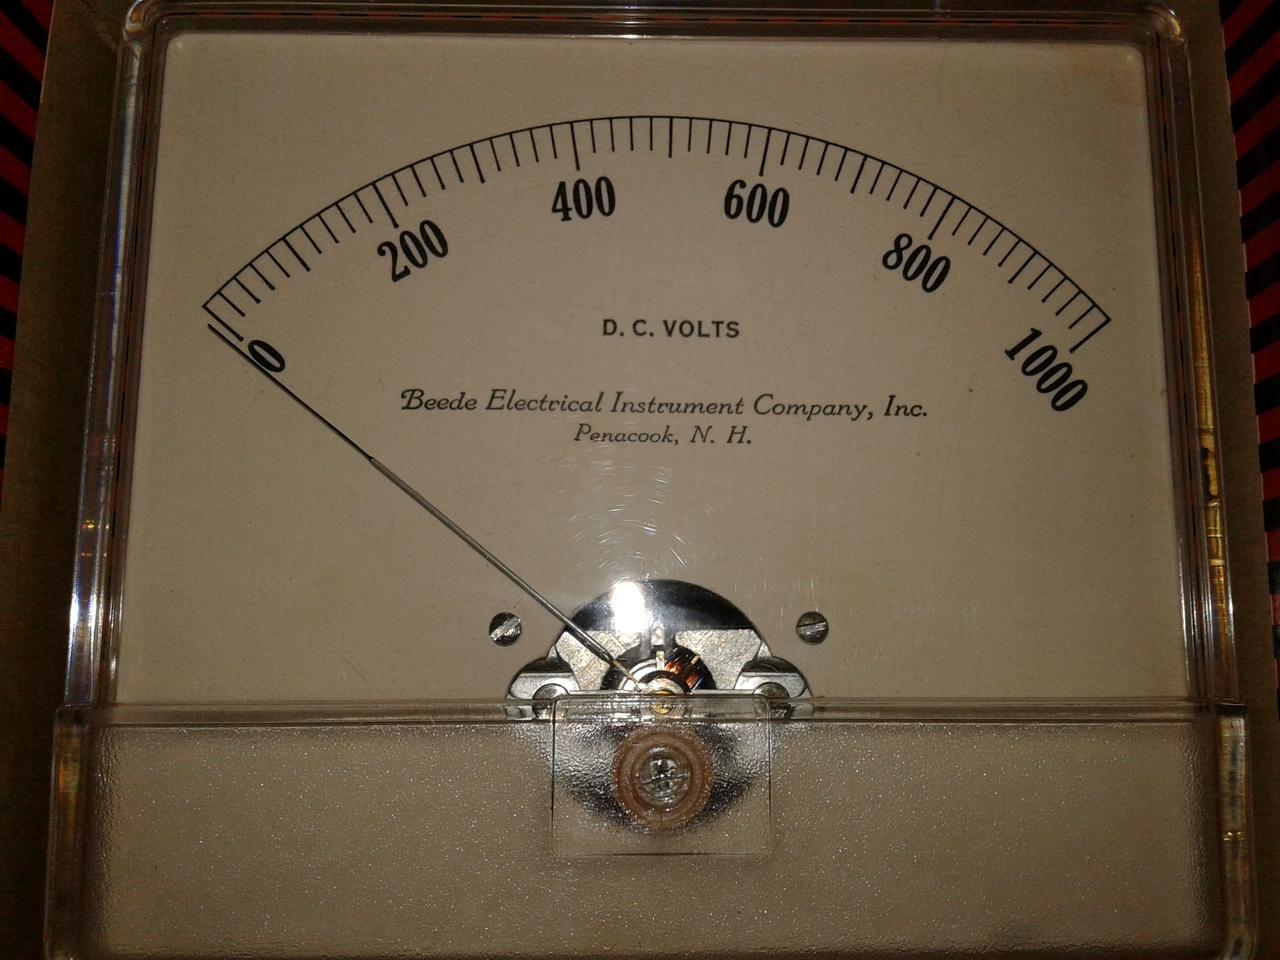 0-1000 Volts D.C.